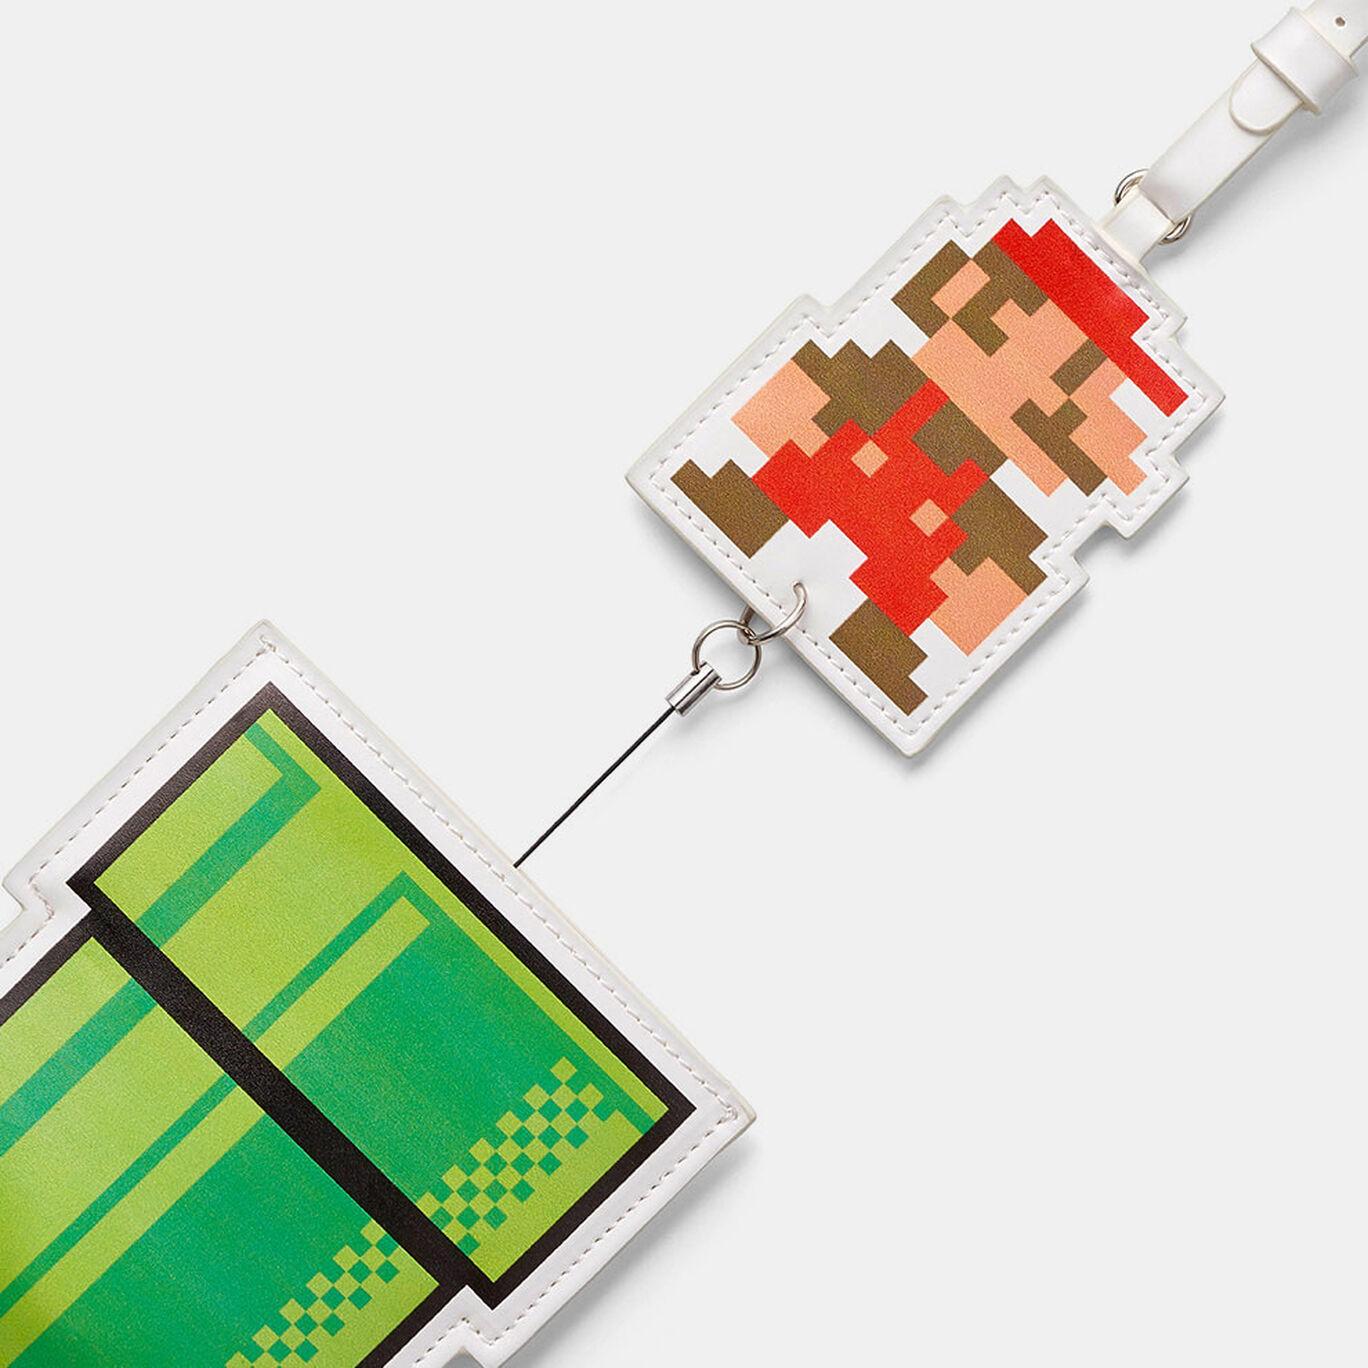 スーパーマリオ トラベル ICカードケース(マリオ/土管)